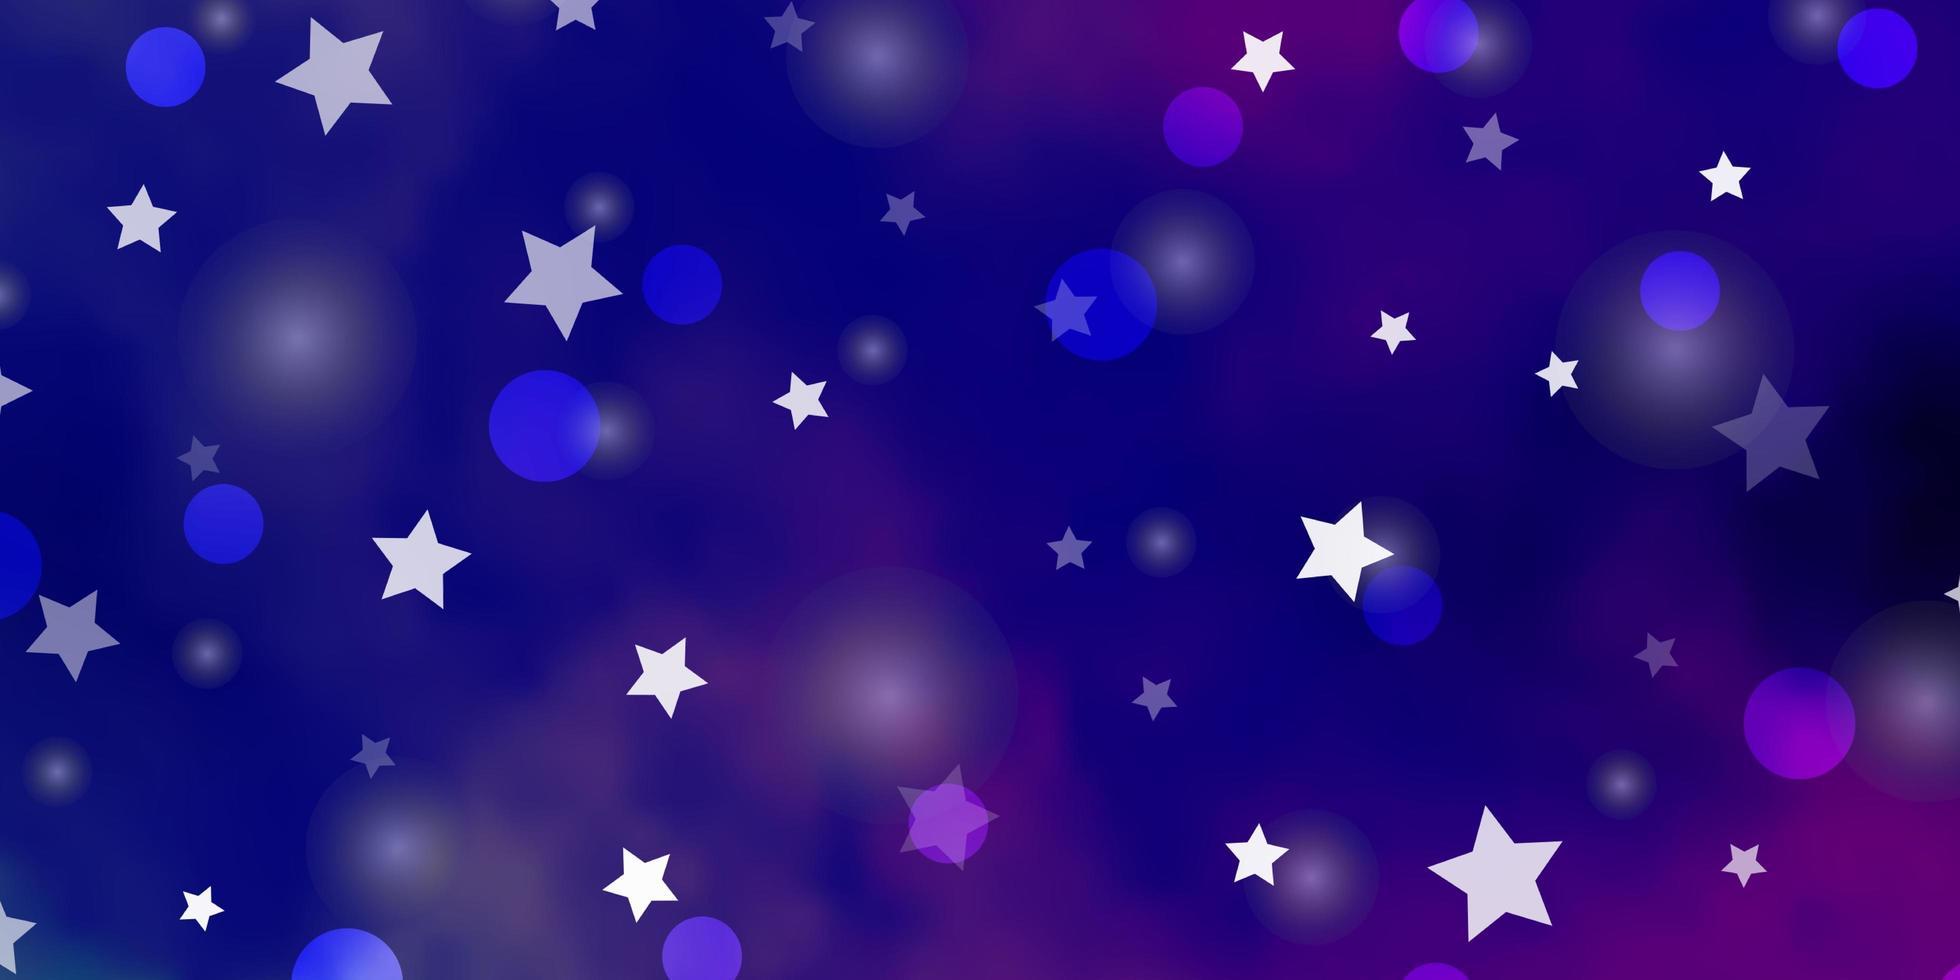 telón de fondo morado y rosa con círculos y estrellas. vector